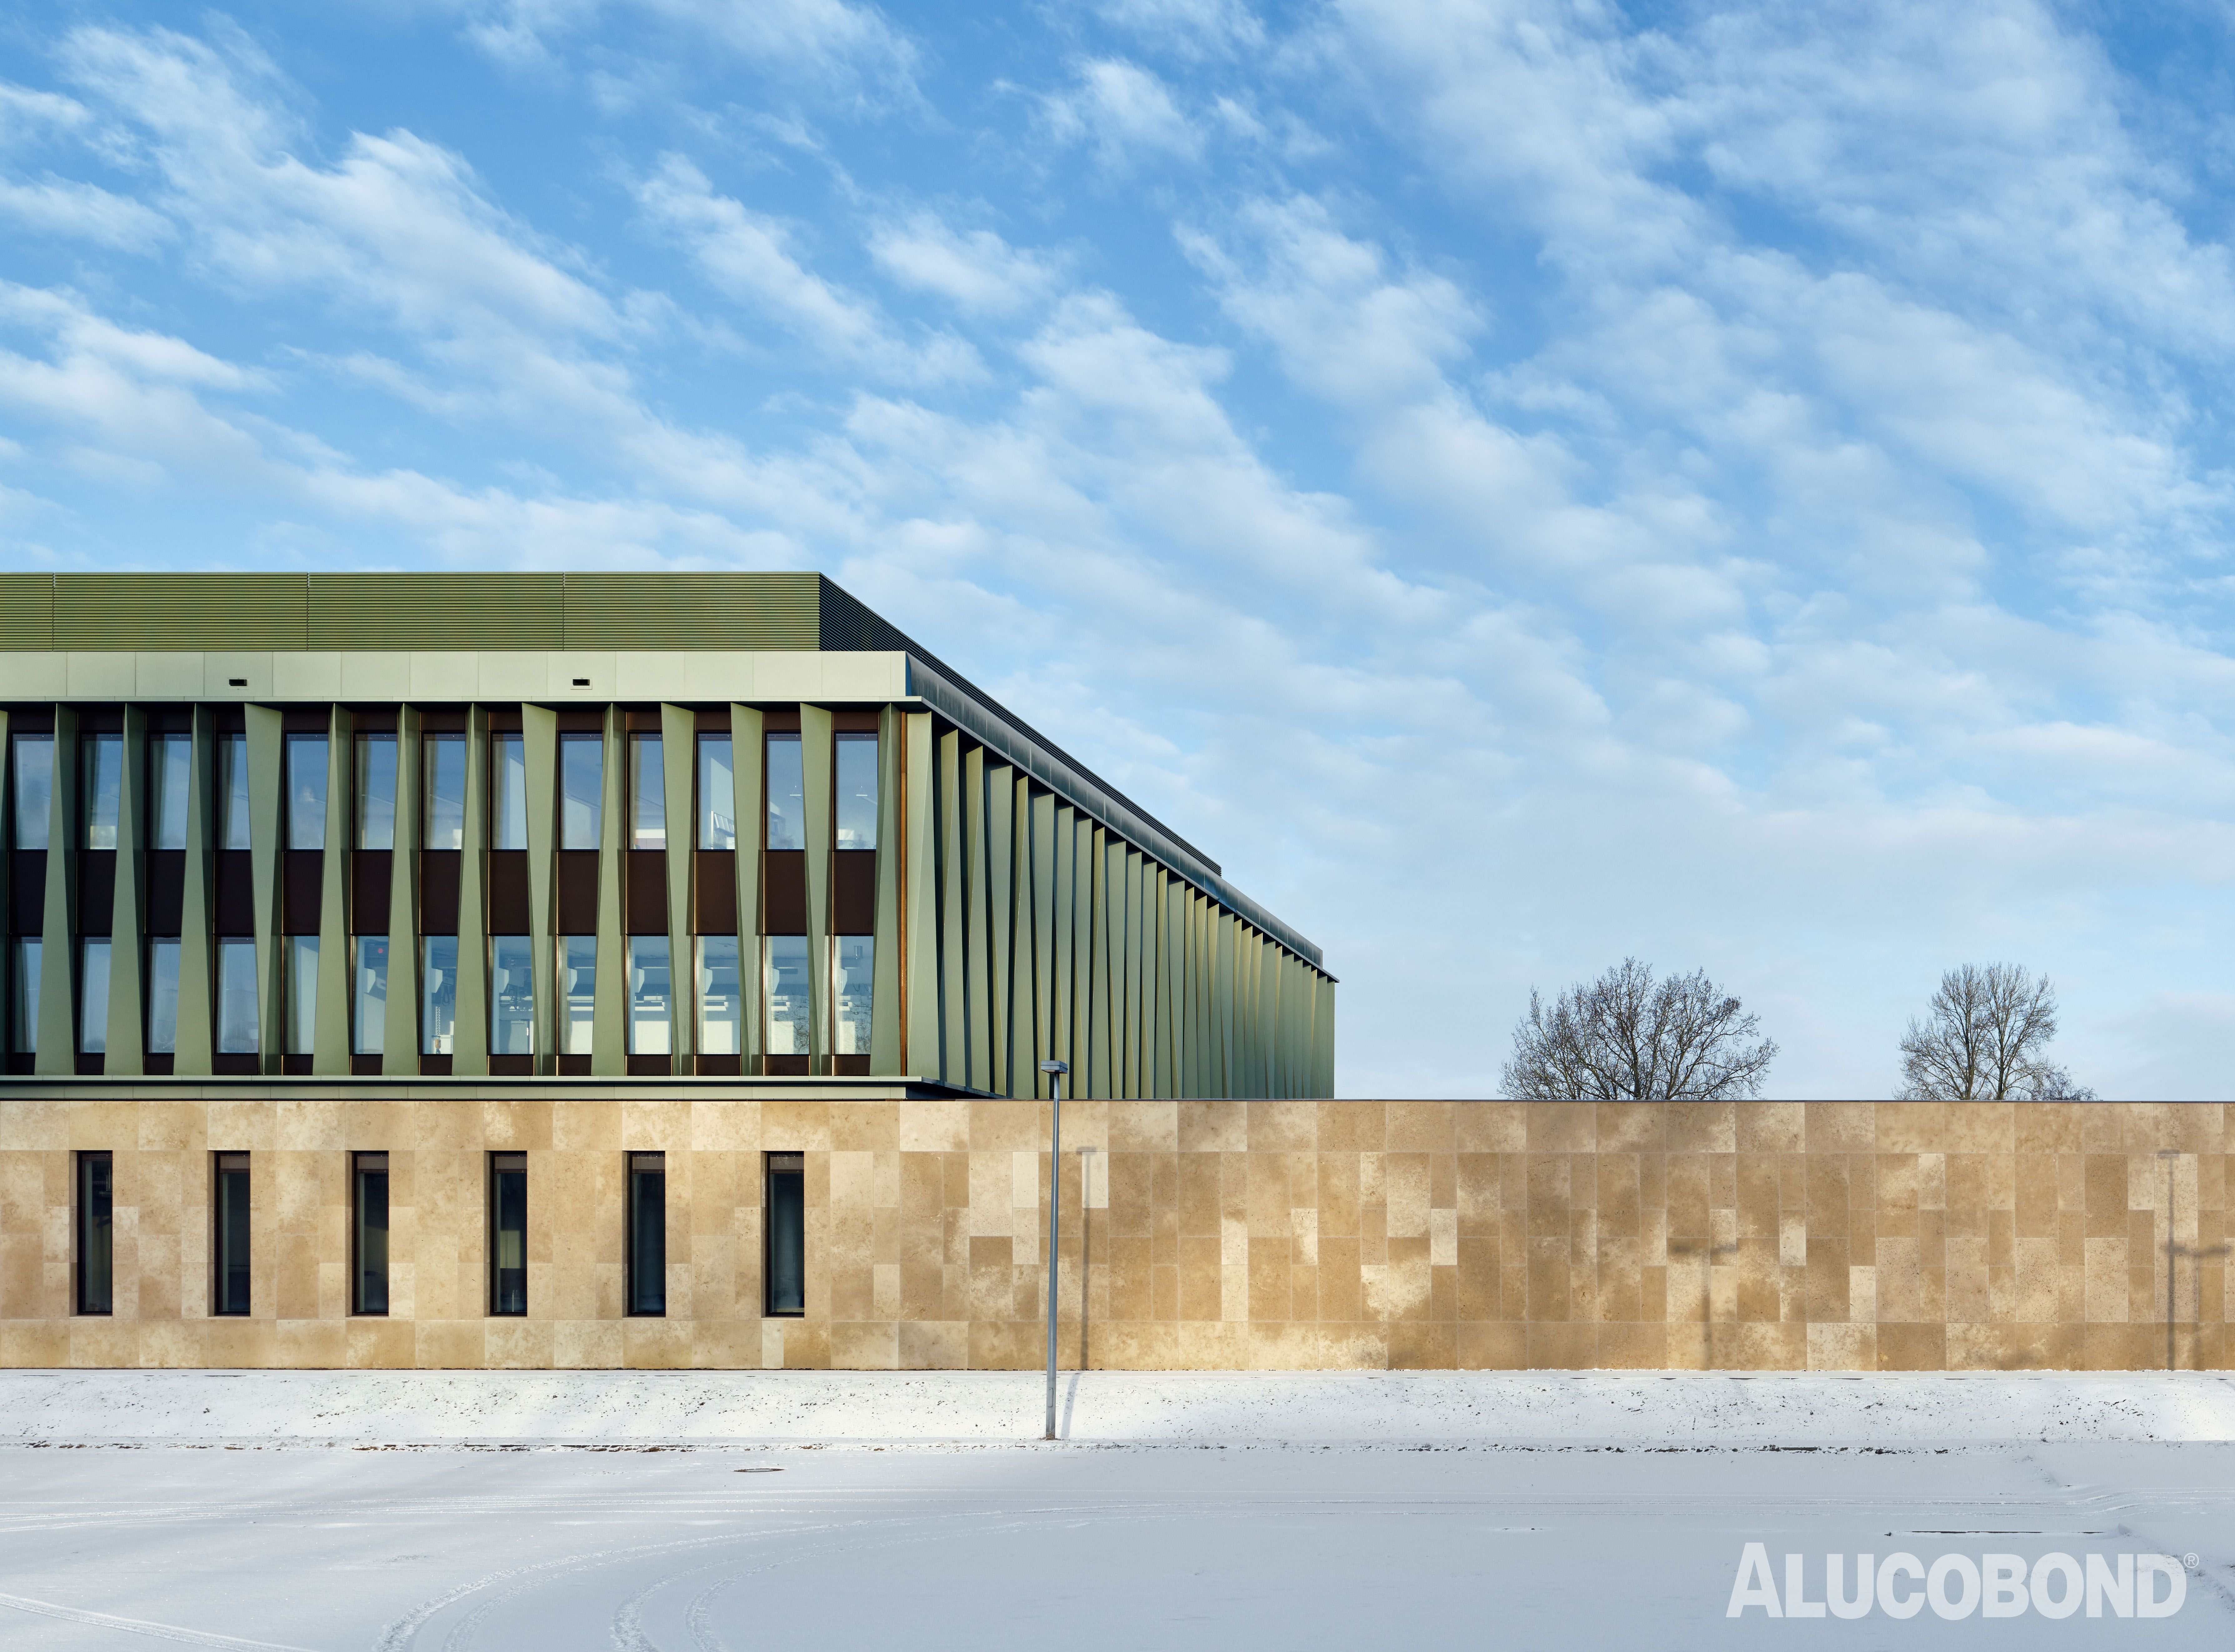 Architektur Lübeck fraunhofer institute for marine biotechnology lübeck germany